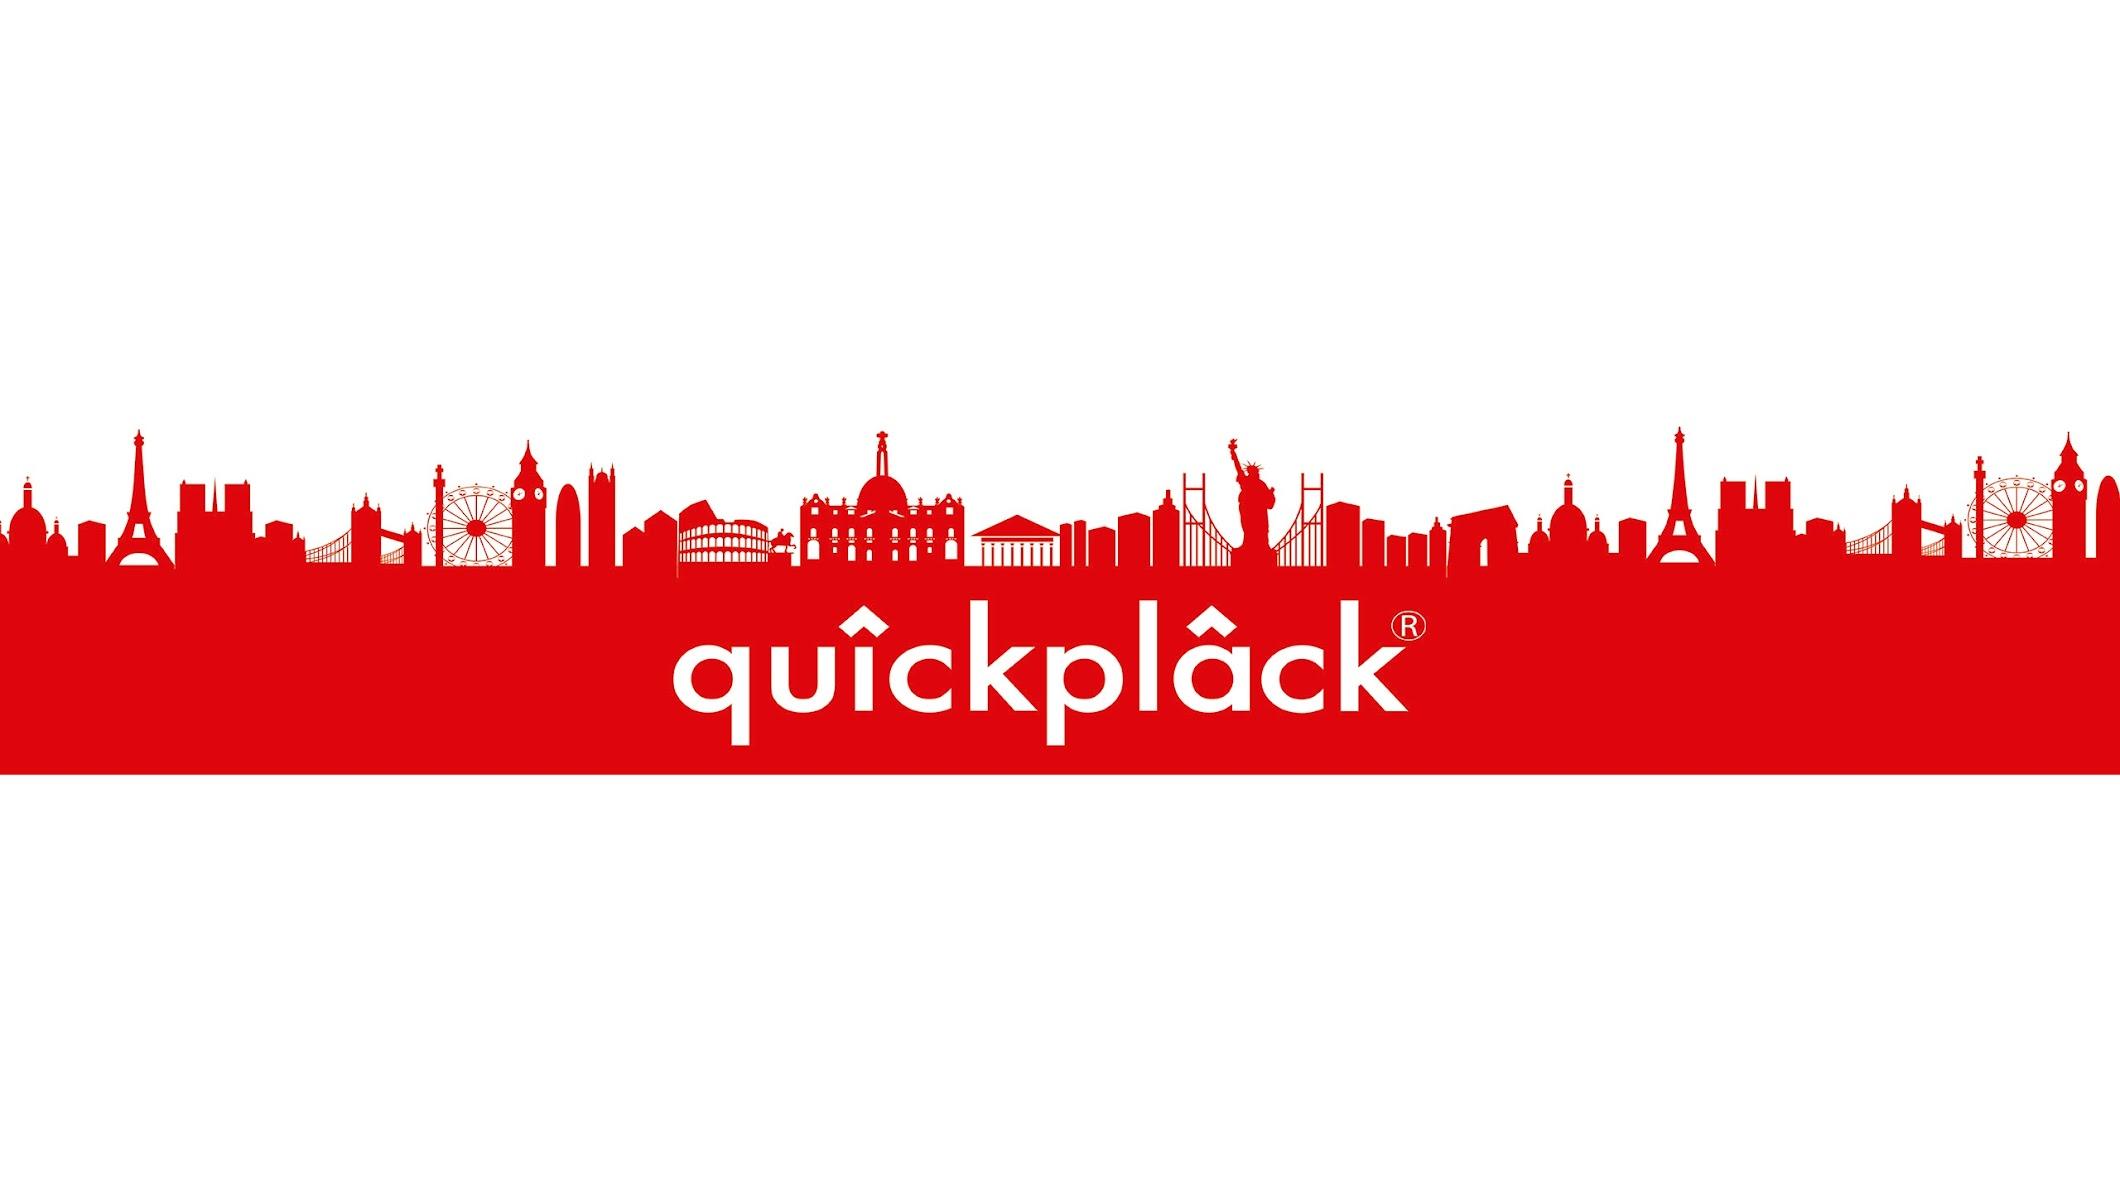 quick plack